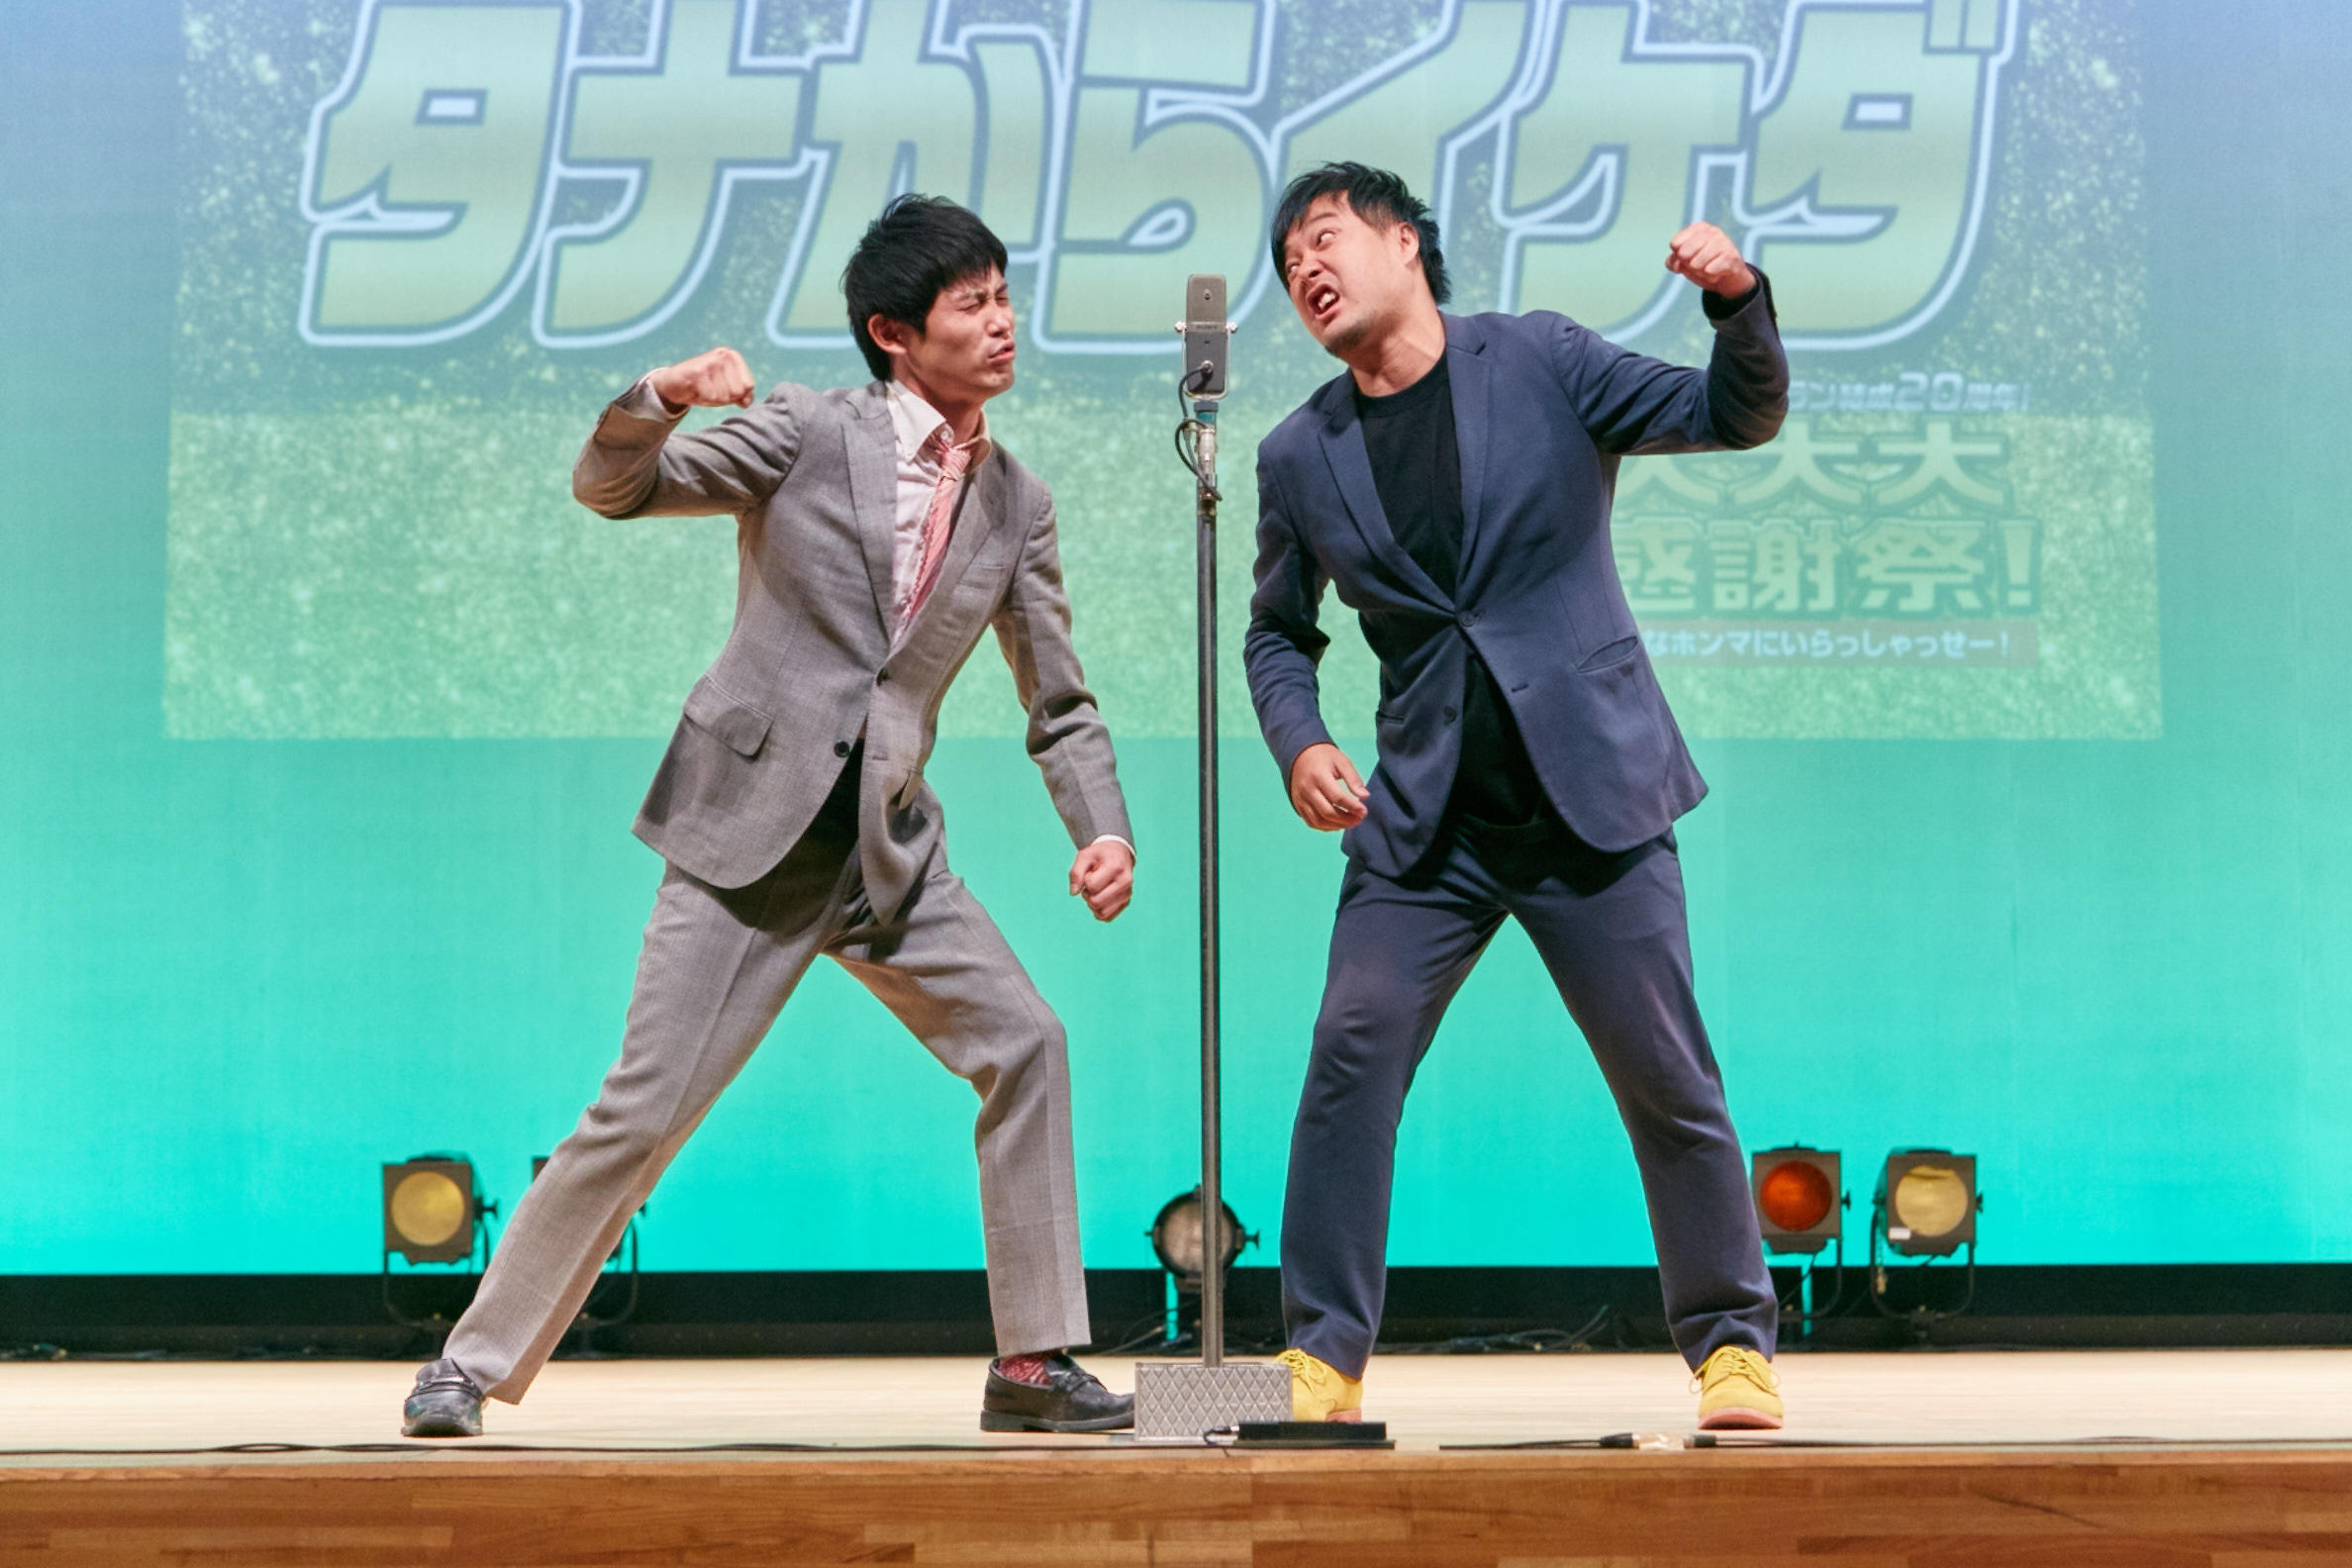 http://news.yoshimoto.co.jp/20171113160856-e2bcc1a0226f2c206db5df126736df739647ad21.jpg